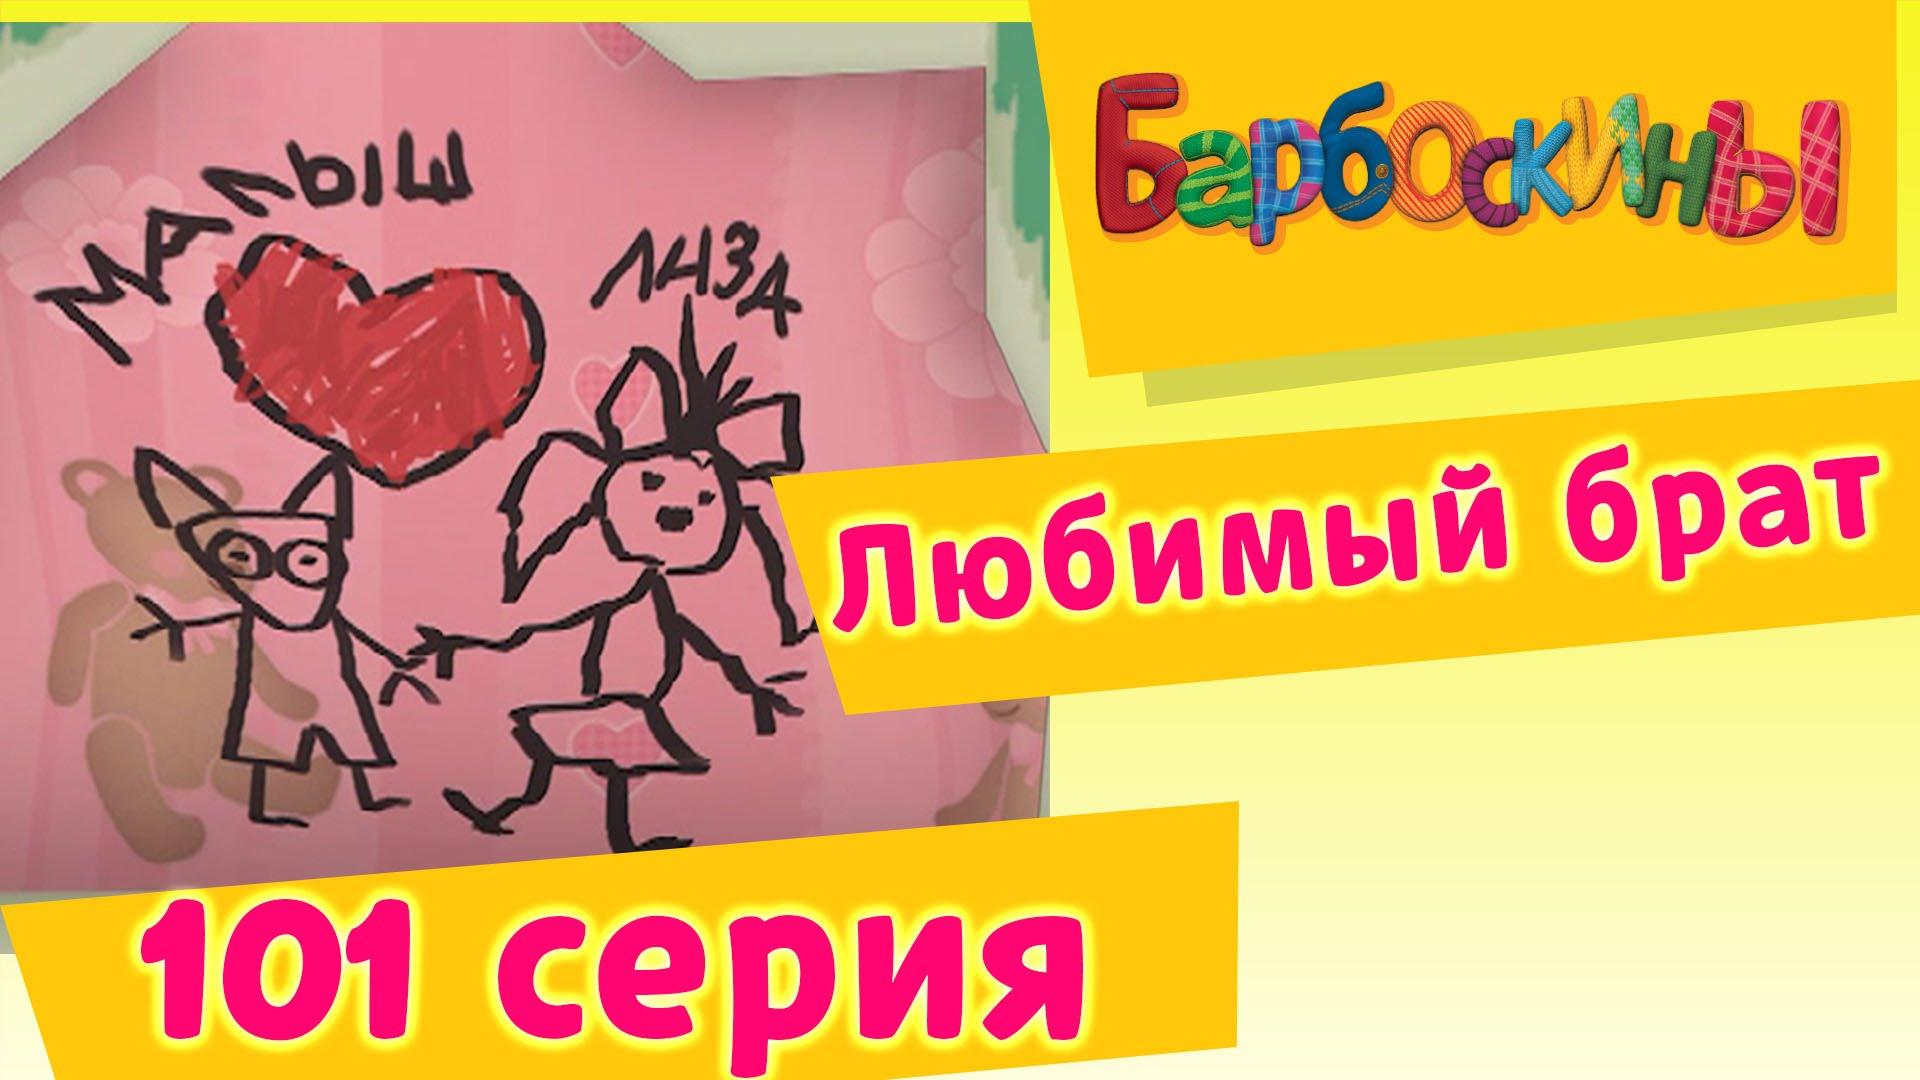 Барбоскины — 101 серия. Любимый брат